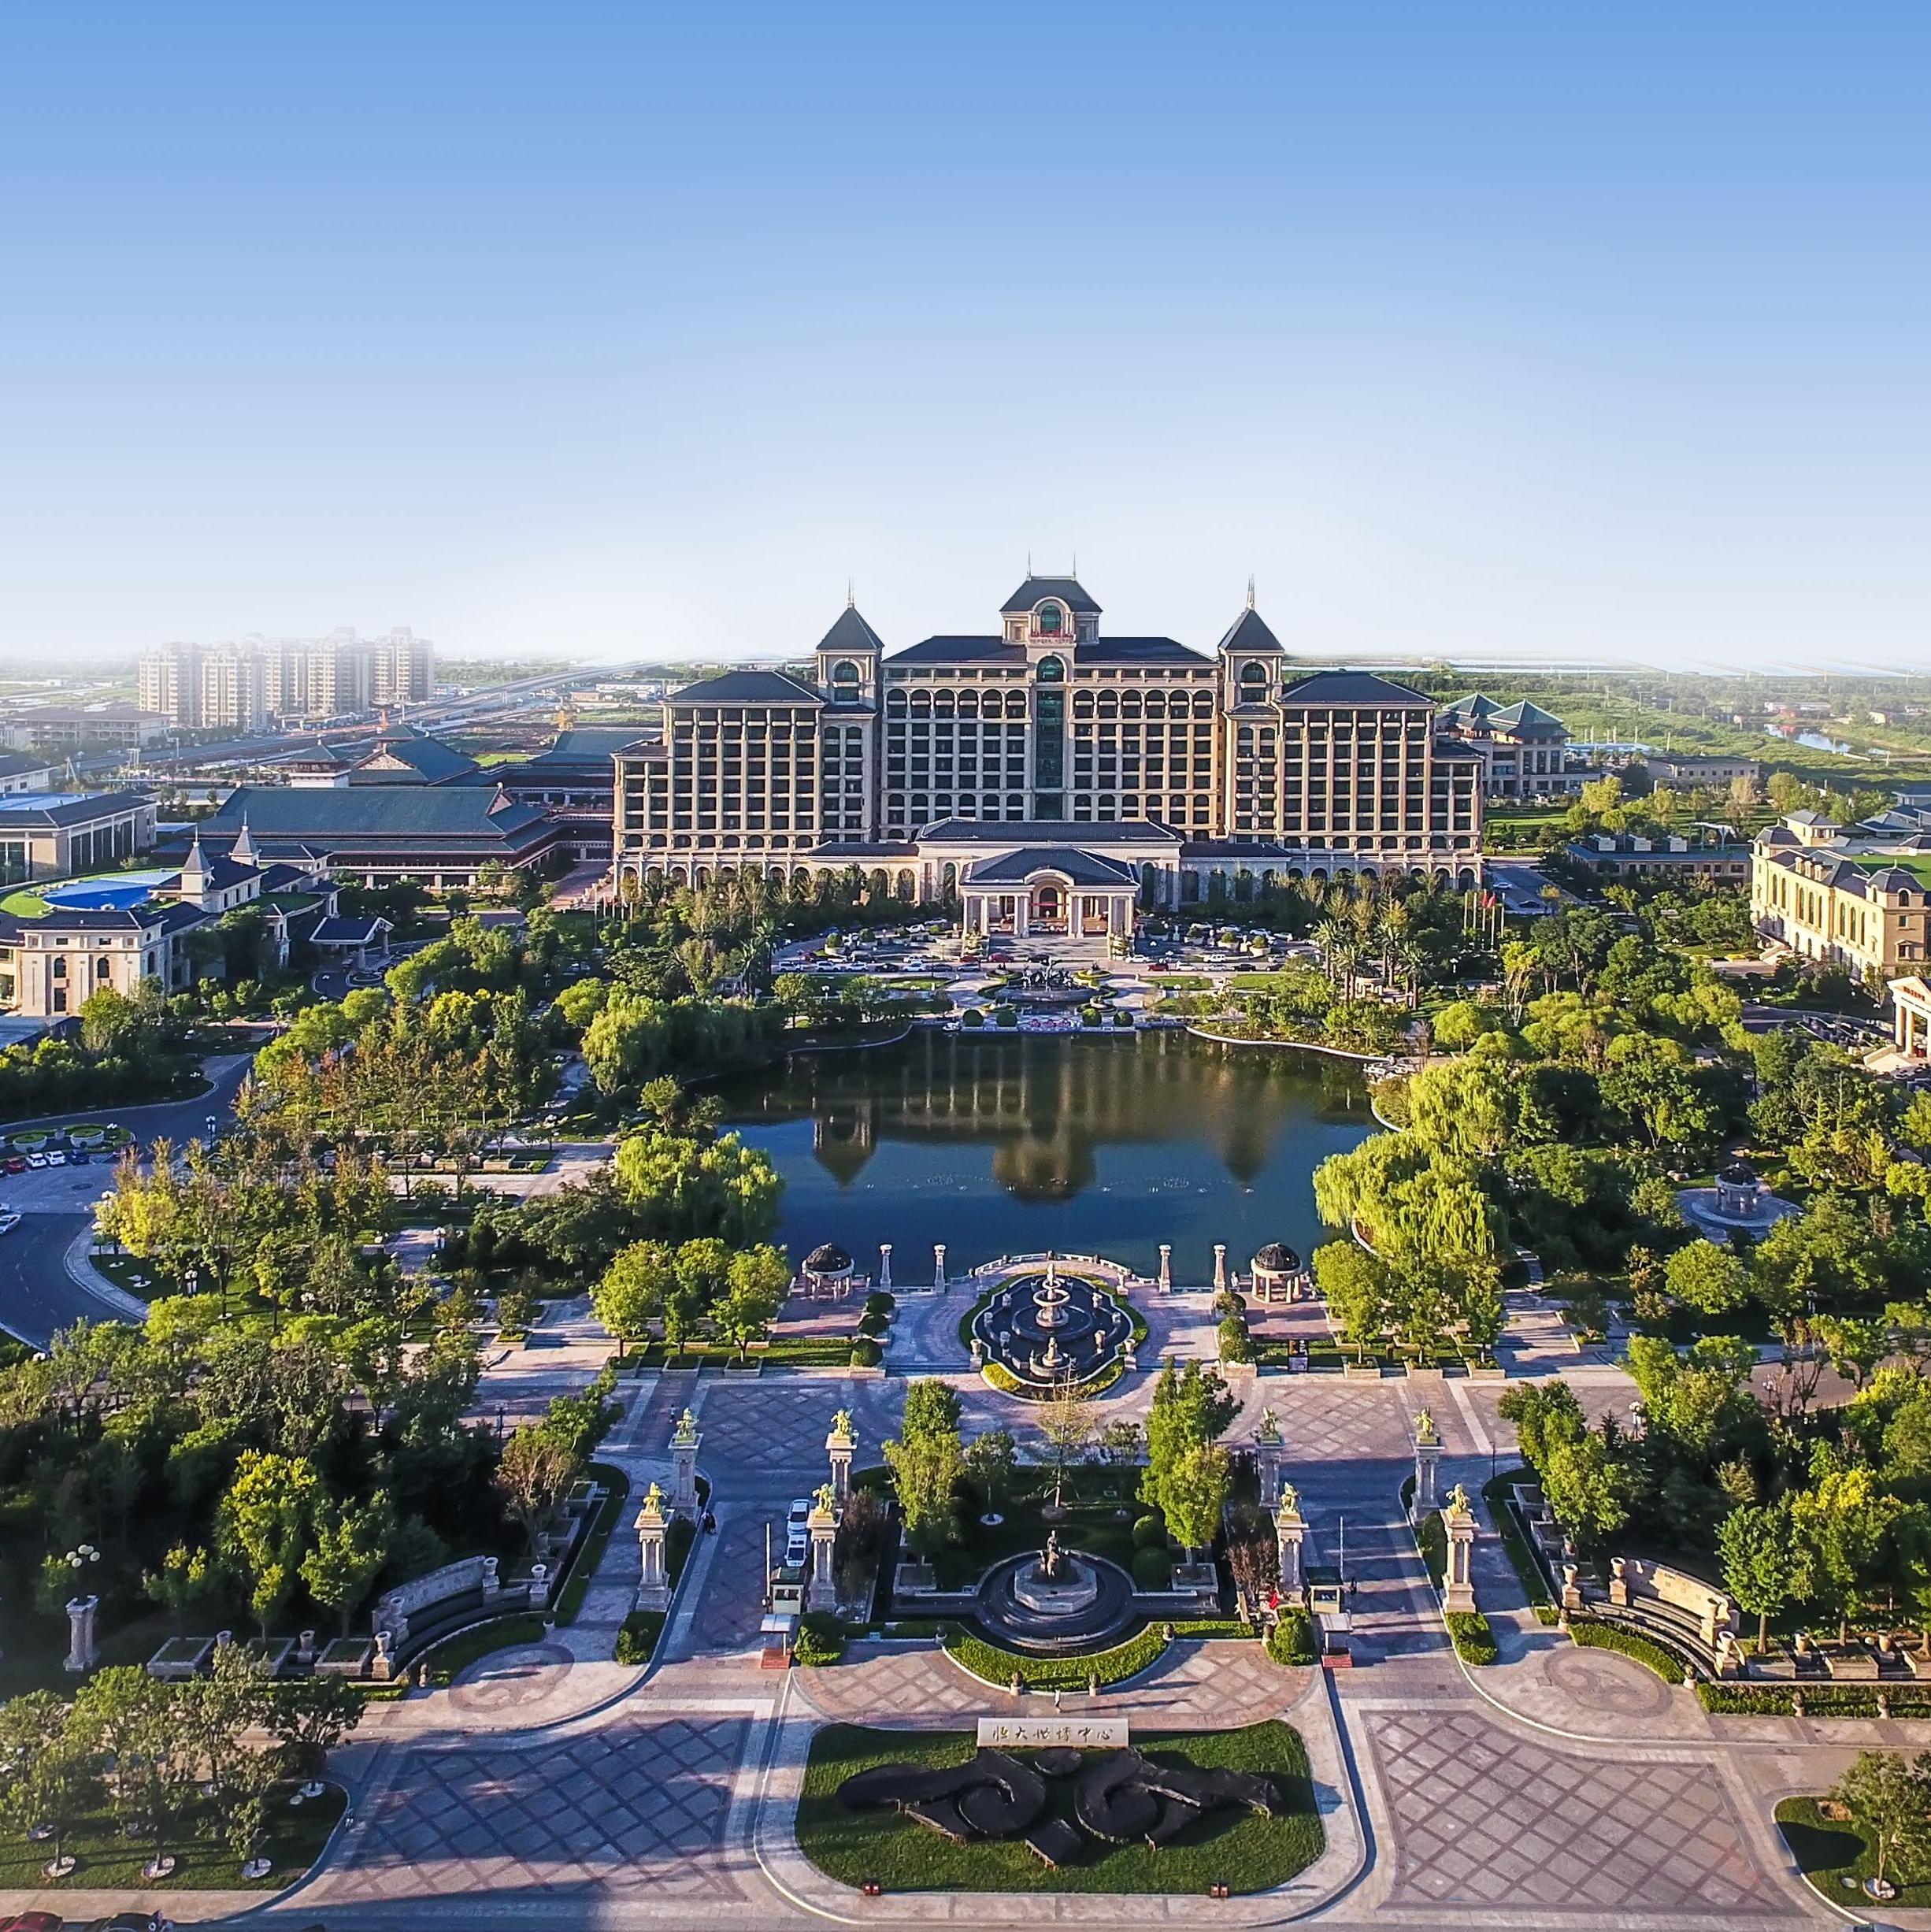 天津东丽湖恒大酒店